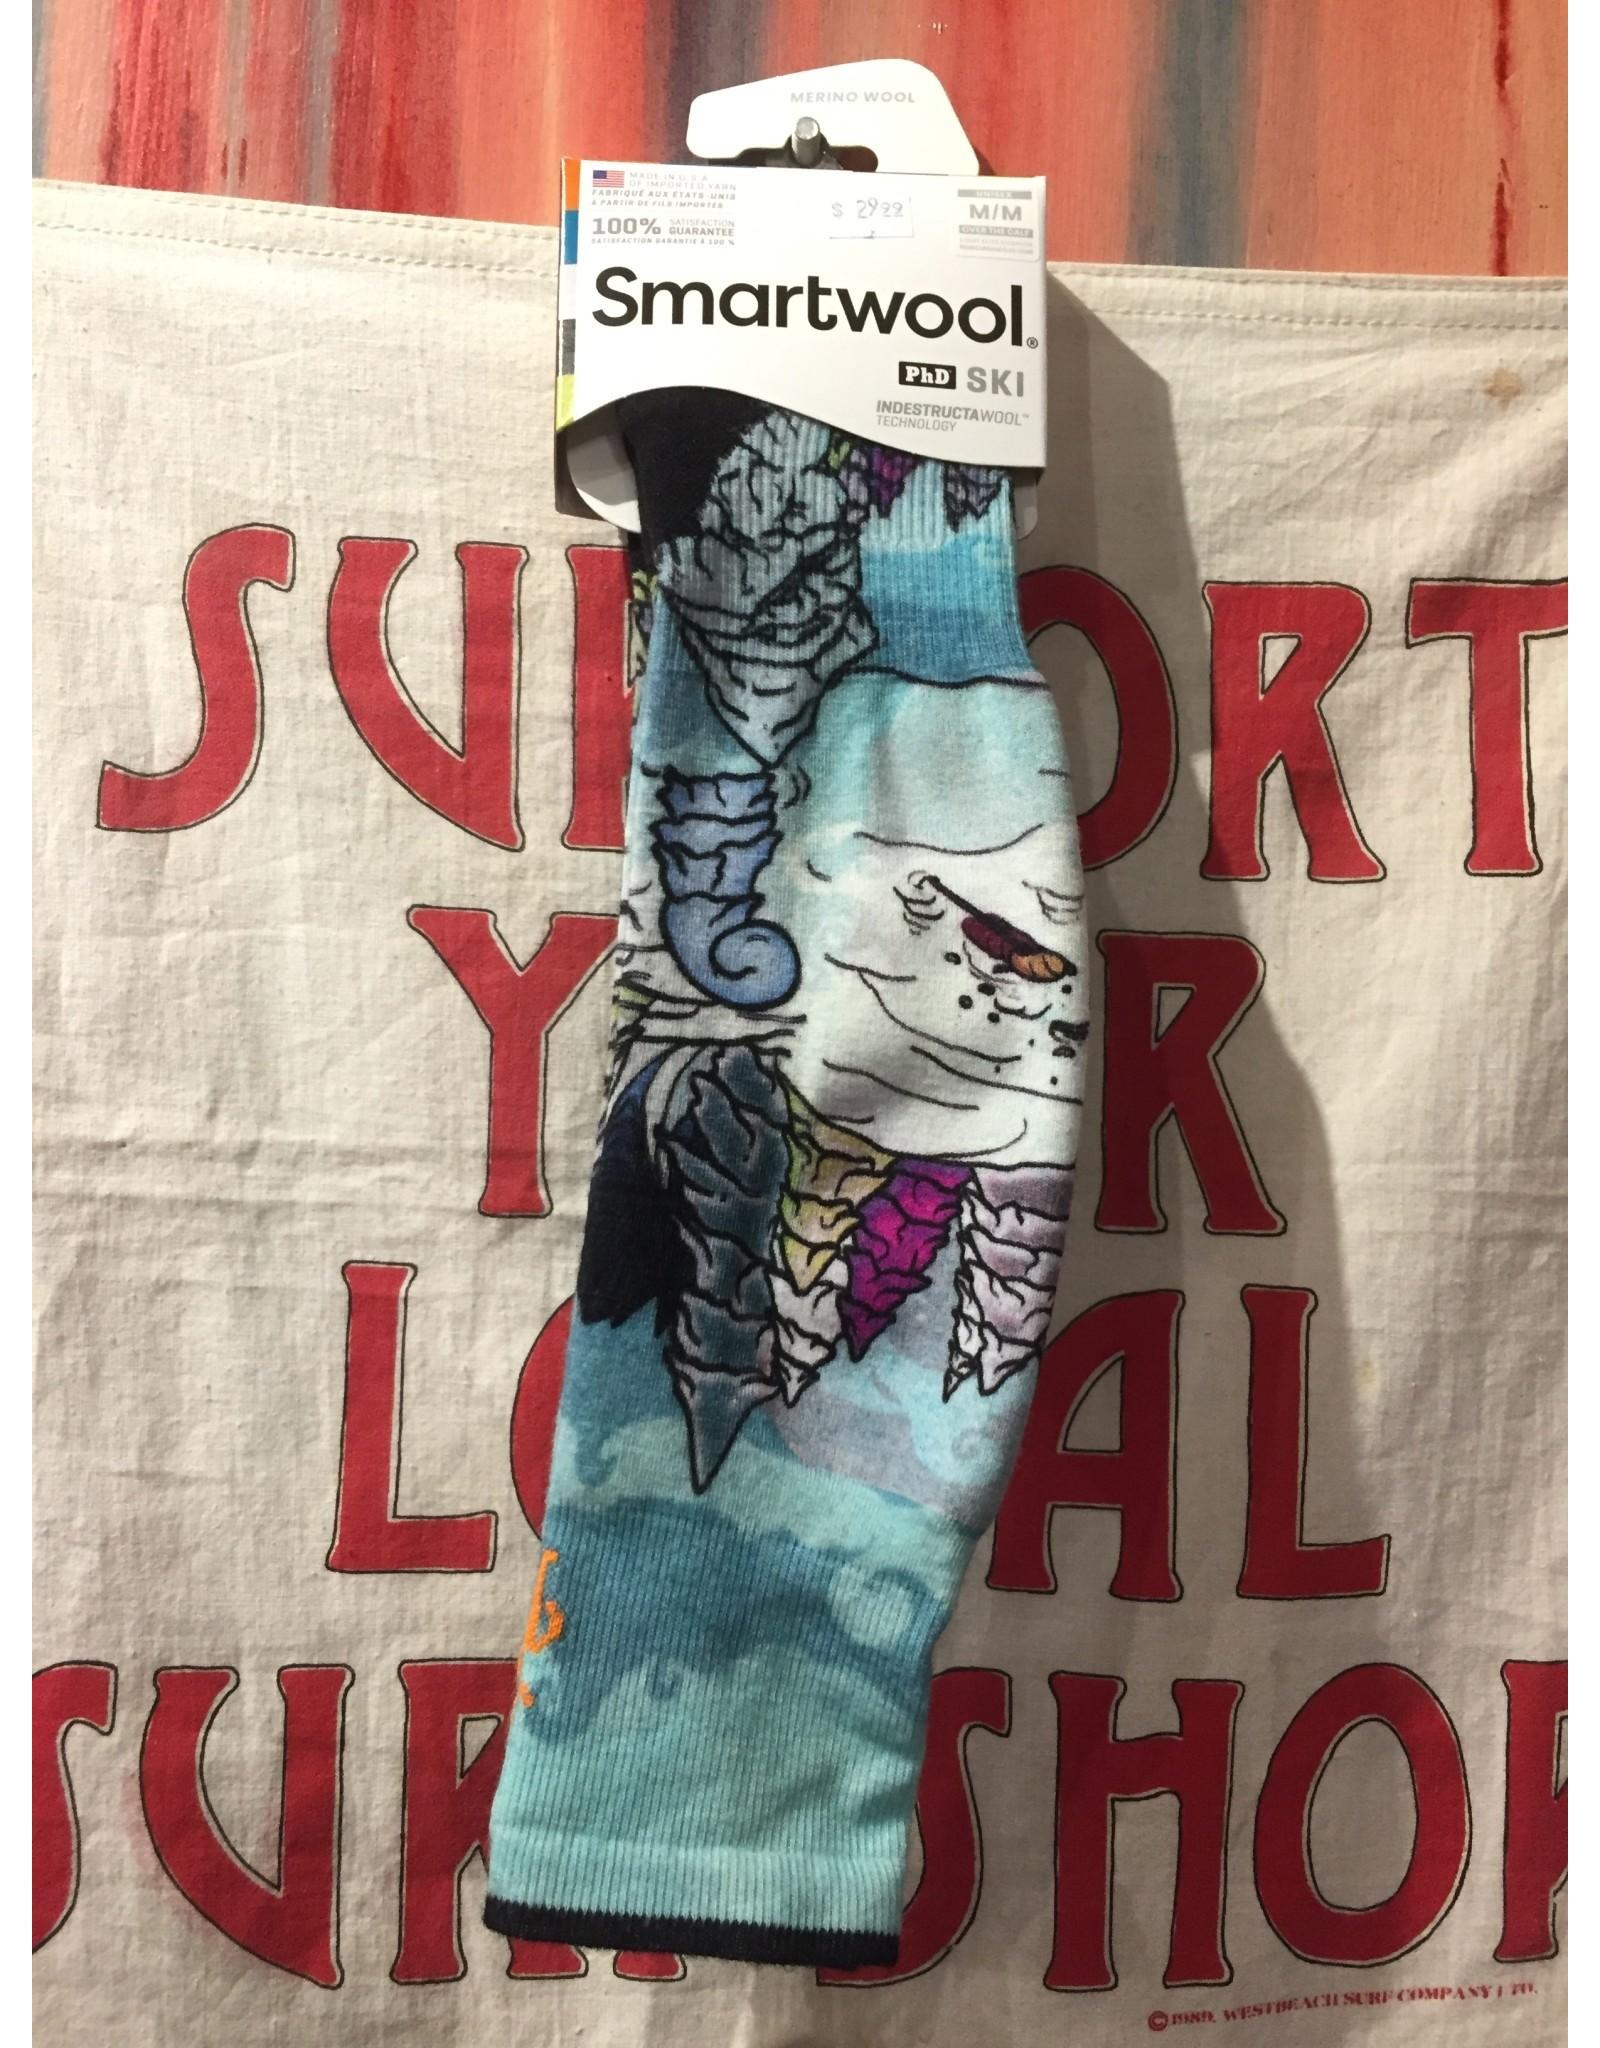 Smartwool Phd Skile Prnt